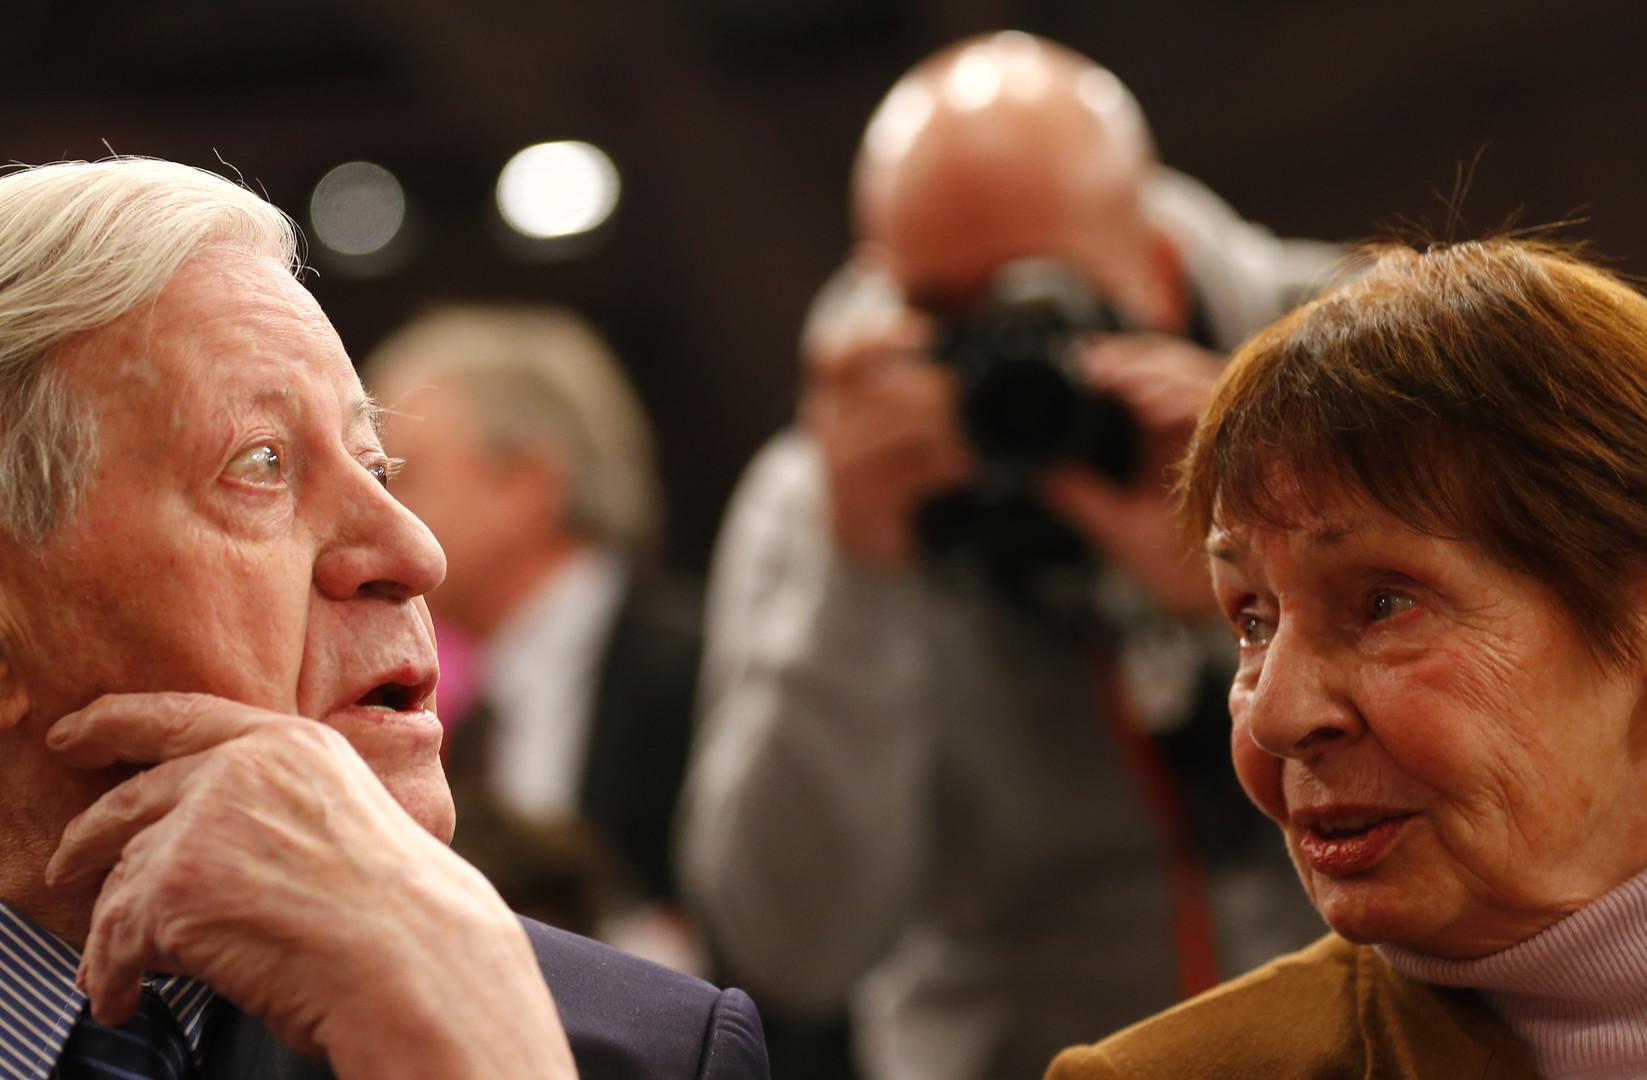 Cigarettes, amour et déclarations choc, l'héritage d'Helmut Schmidt, ex-chancelier allemand